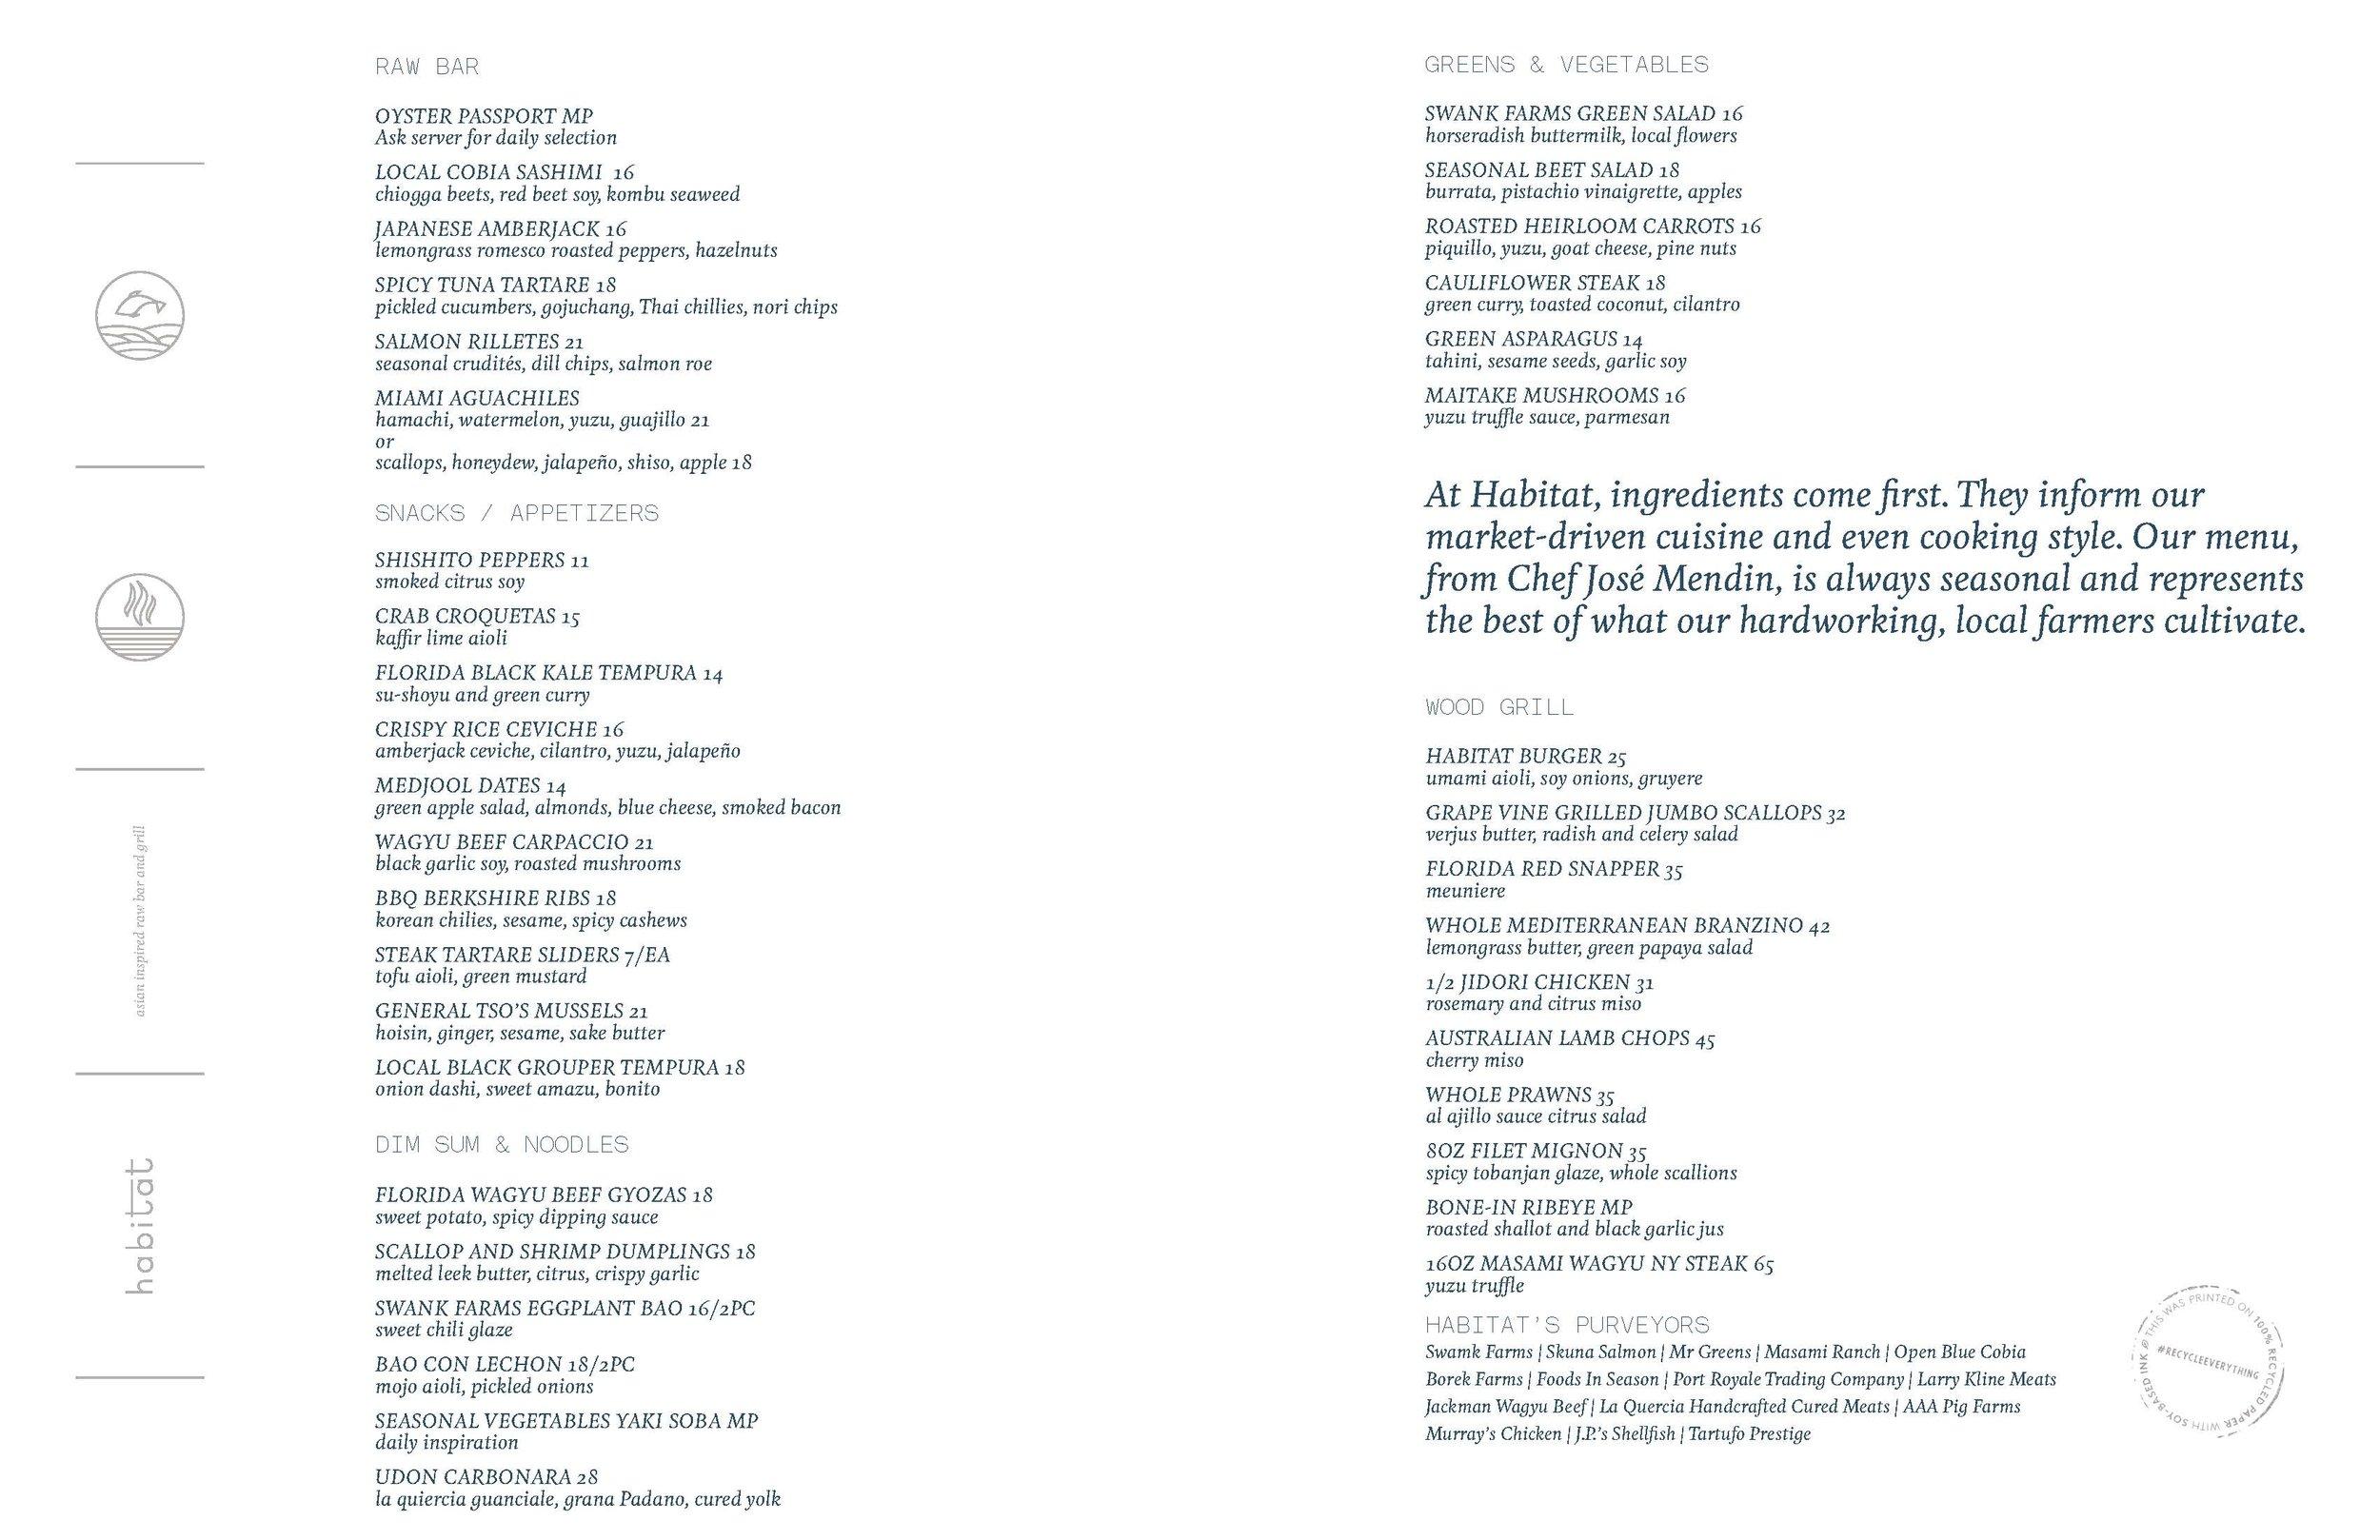 habitat dinner menu_nostroke_Page_1.jpg